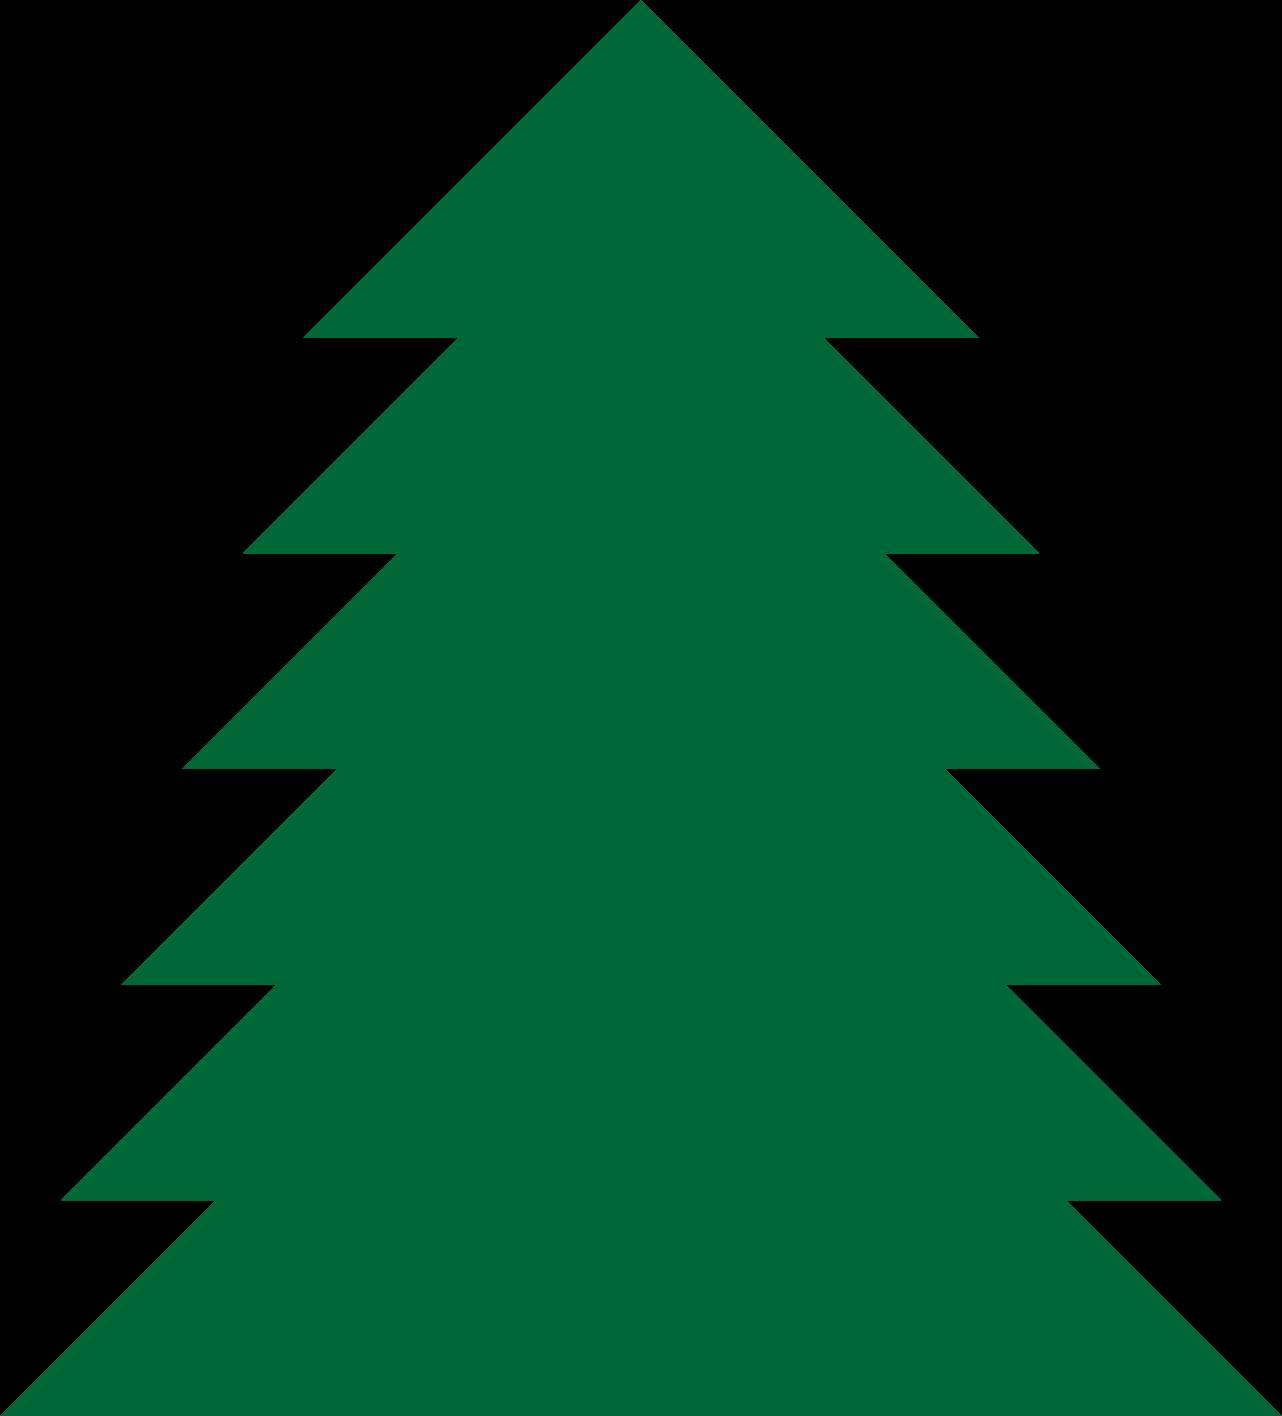 1282x1416 Pine Tree Clip Art For Christmas – Fun for Christmas